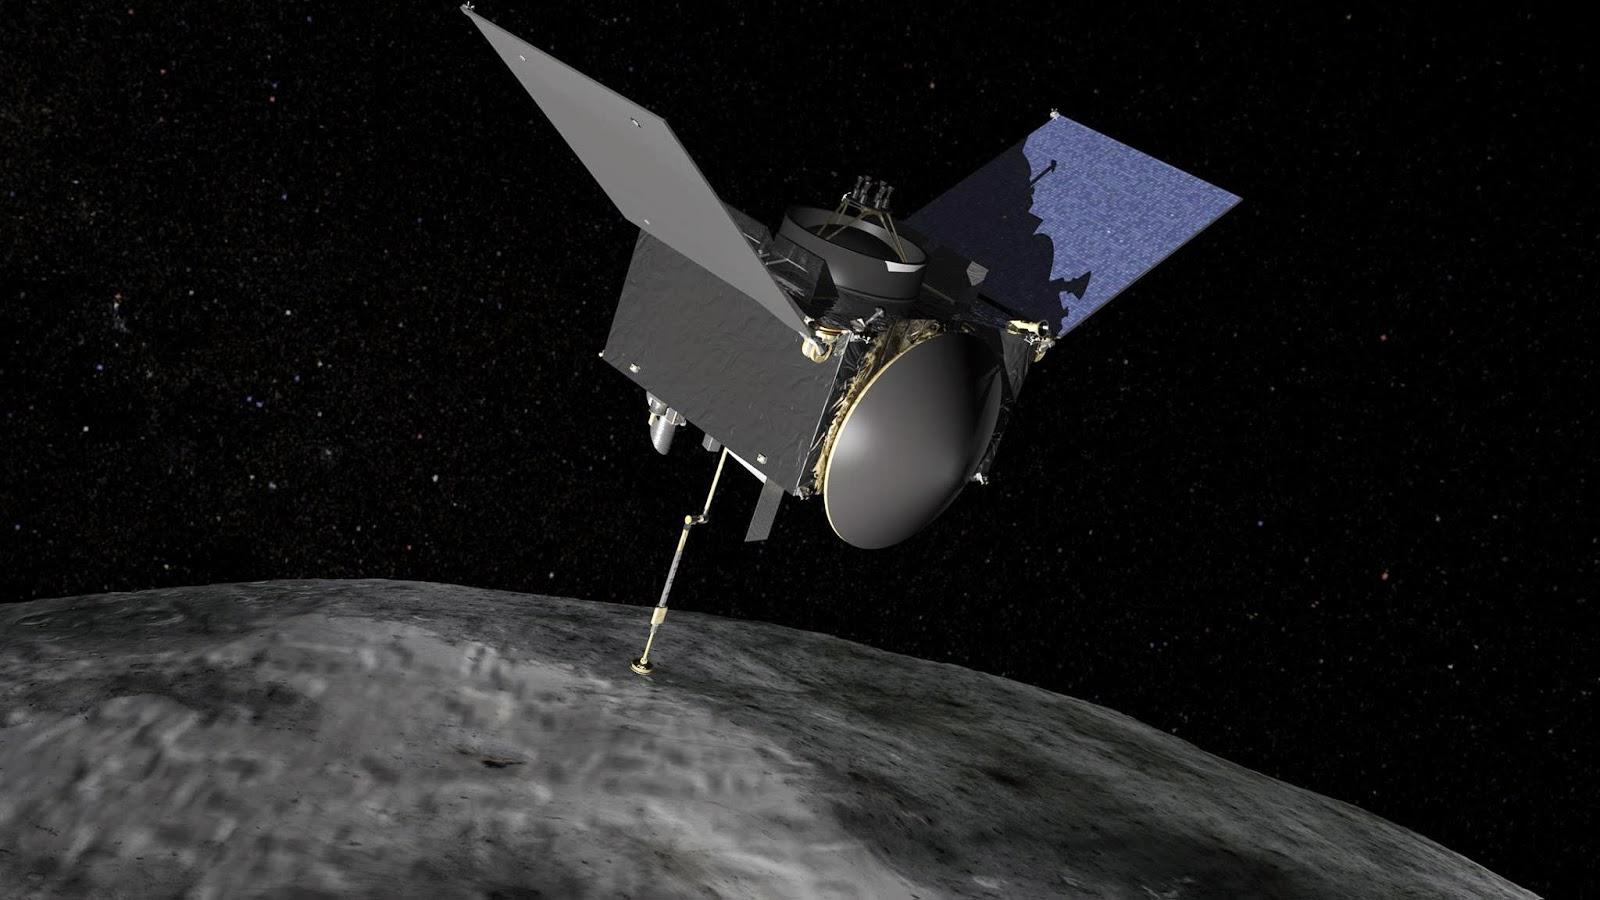 فاطمة فائز ستسافر إلى الفضاء في مهمة لوكالة ناسا الفضائية